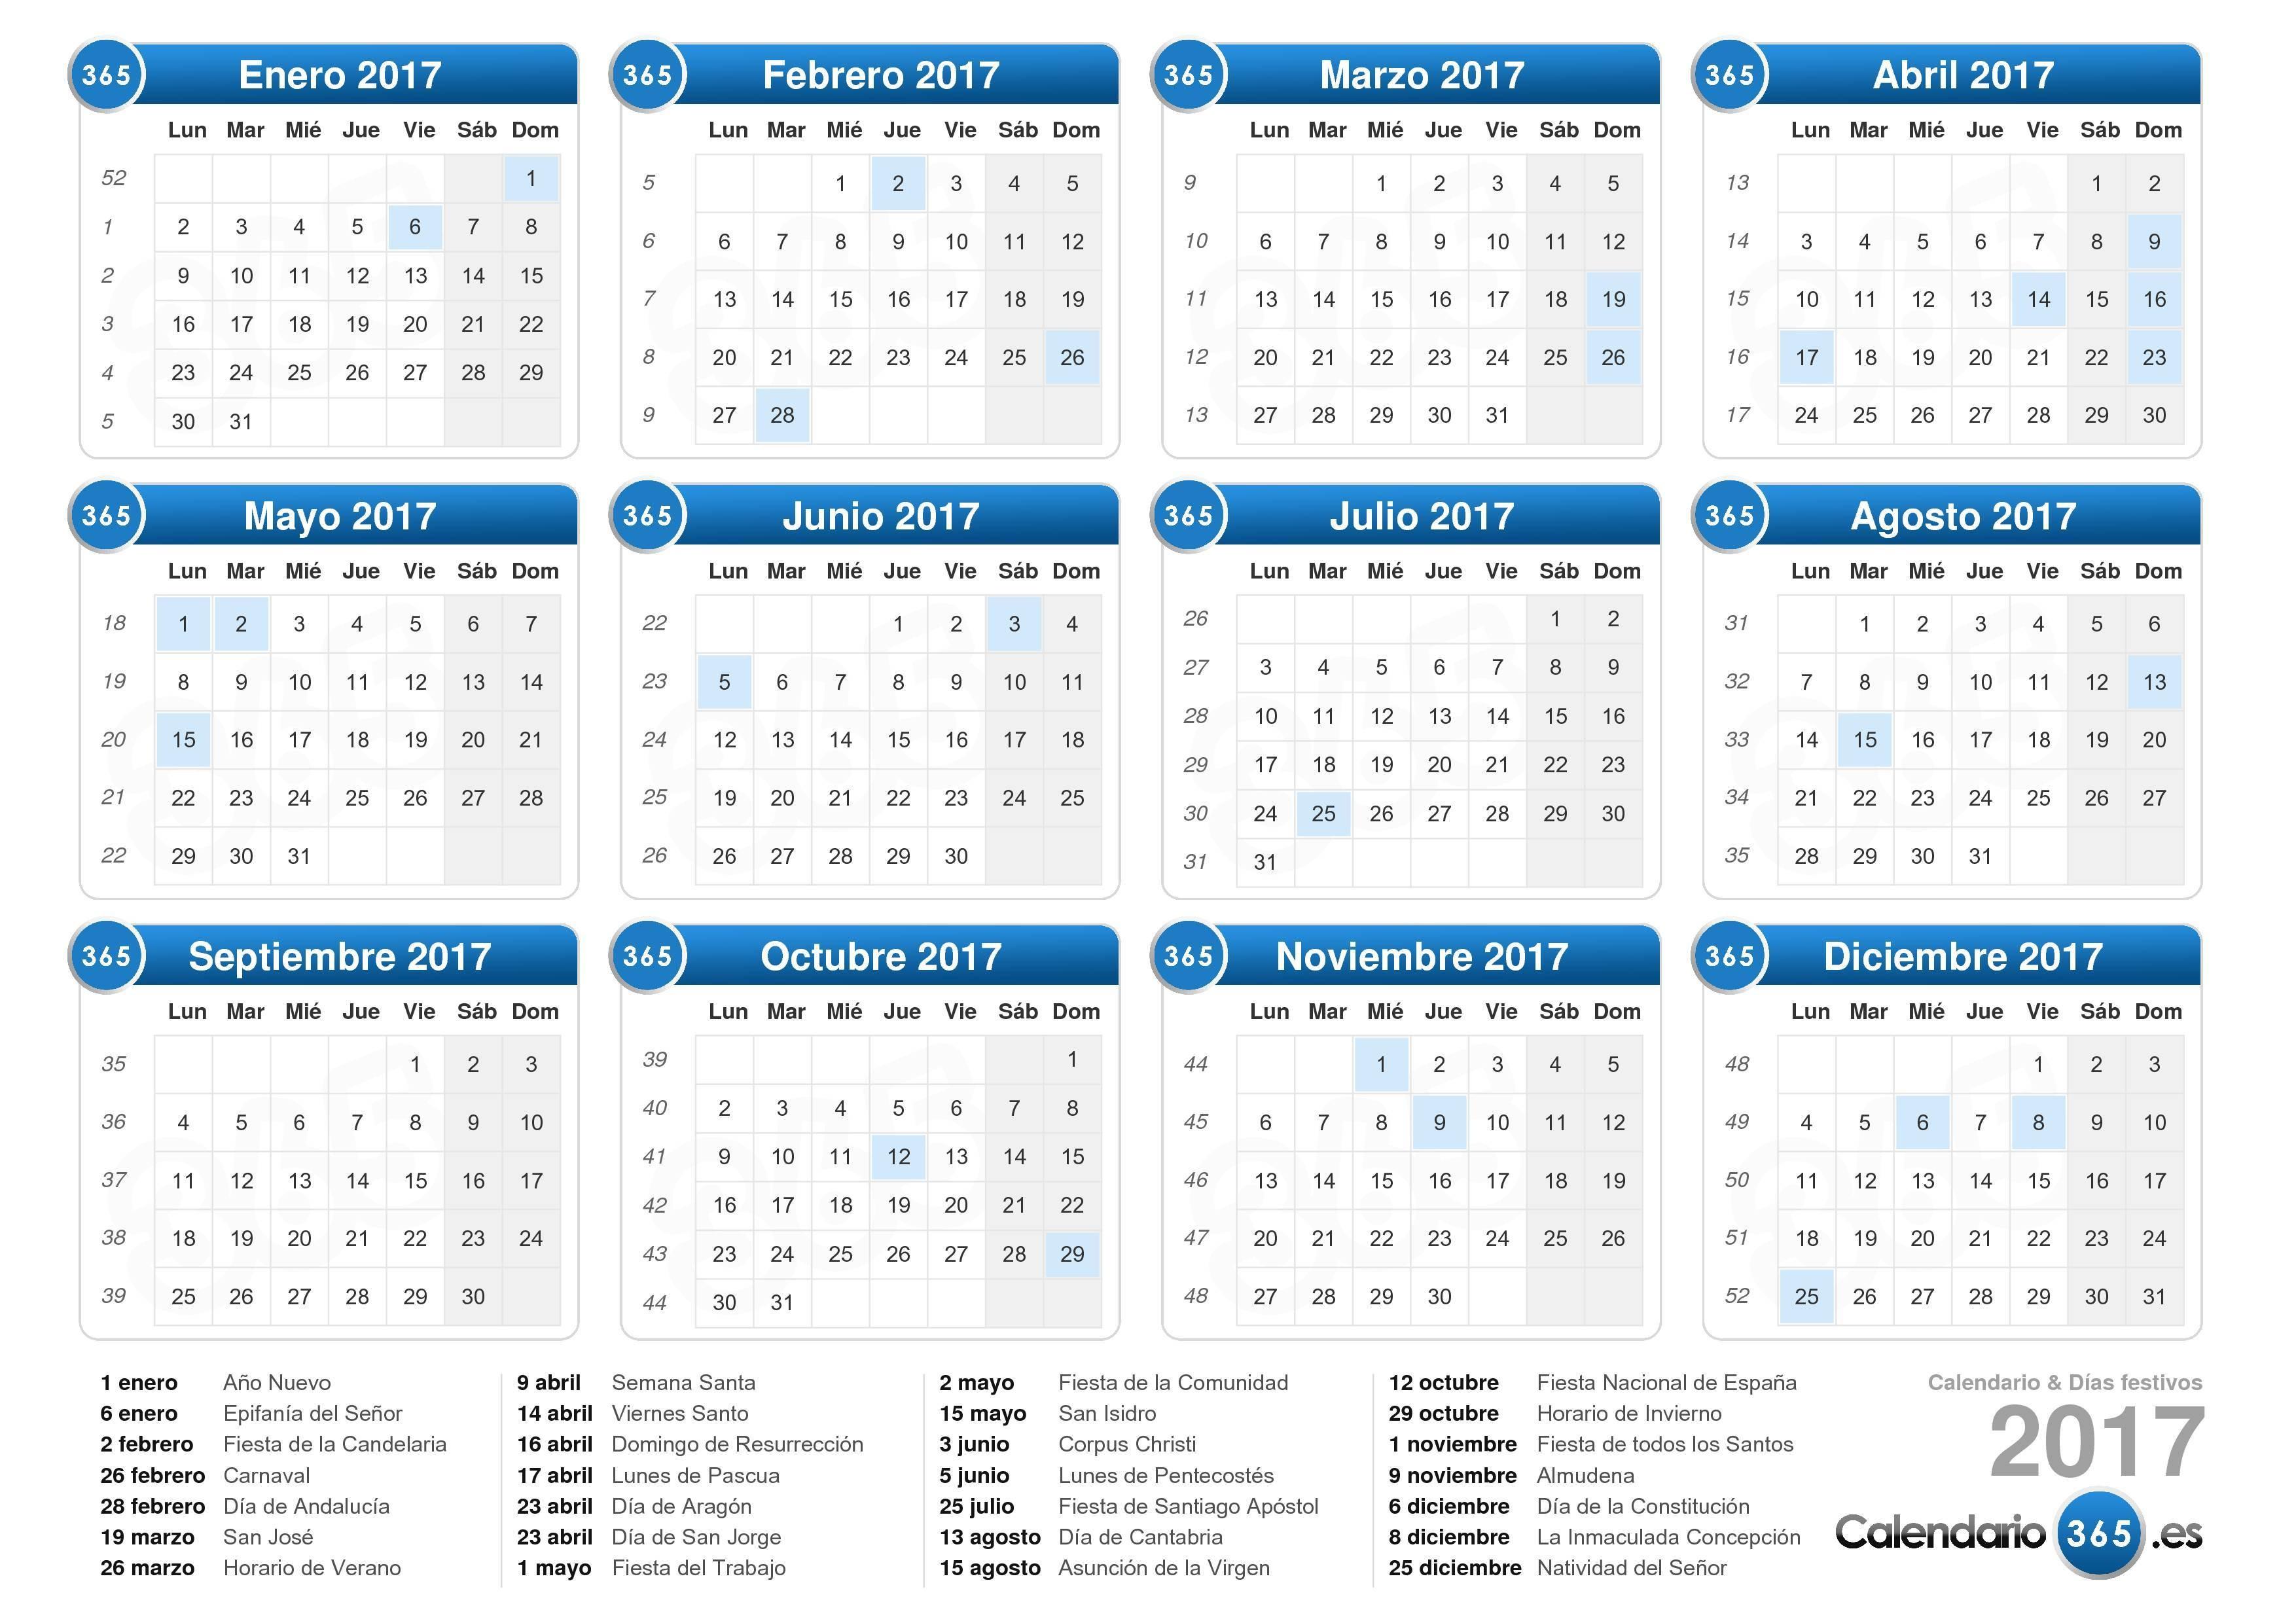 Calendario Festivo 2019 andalucia Más Arriba-a-fecha Calendario 2017 Of Calendario Festivo 2019 andalucia Actual Boe Documento Consolidado Boe A 2018 9268